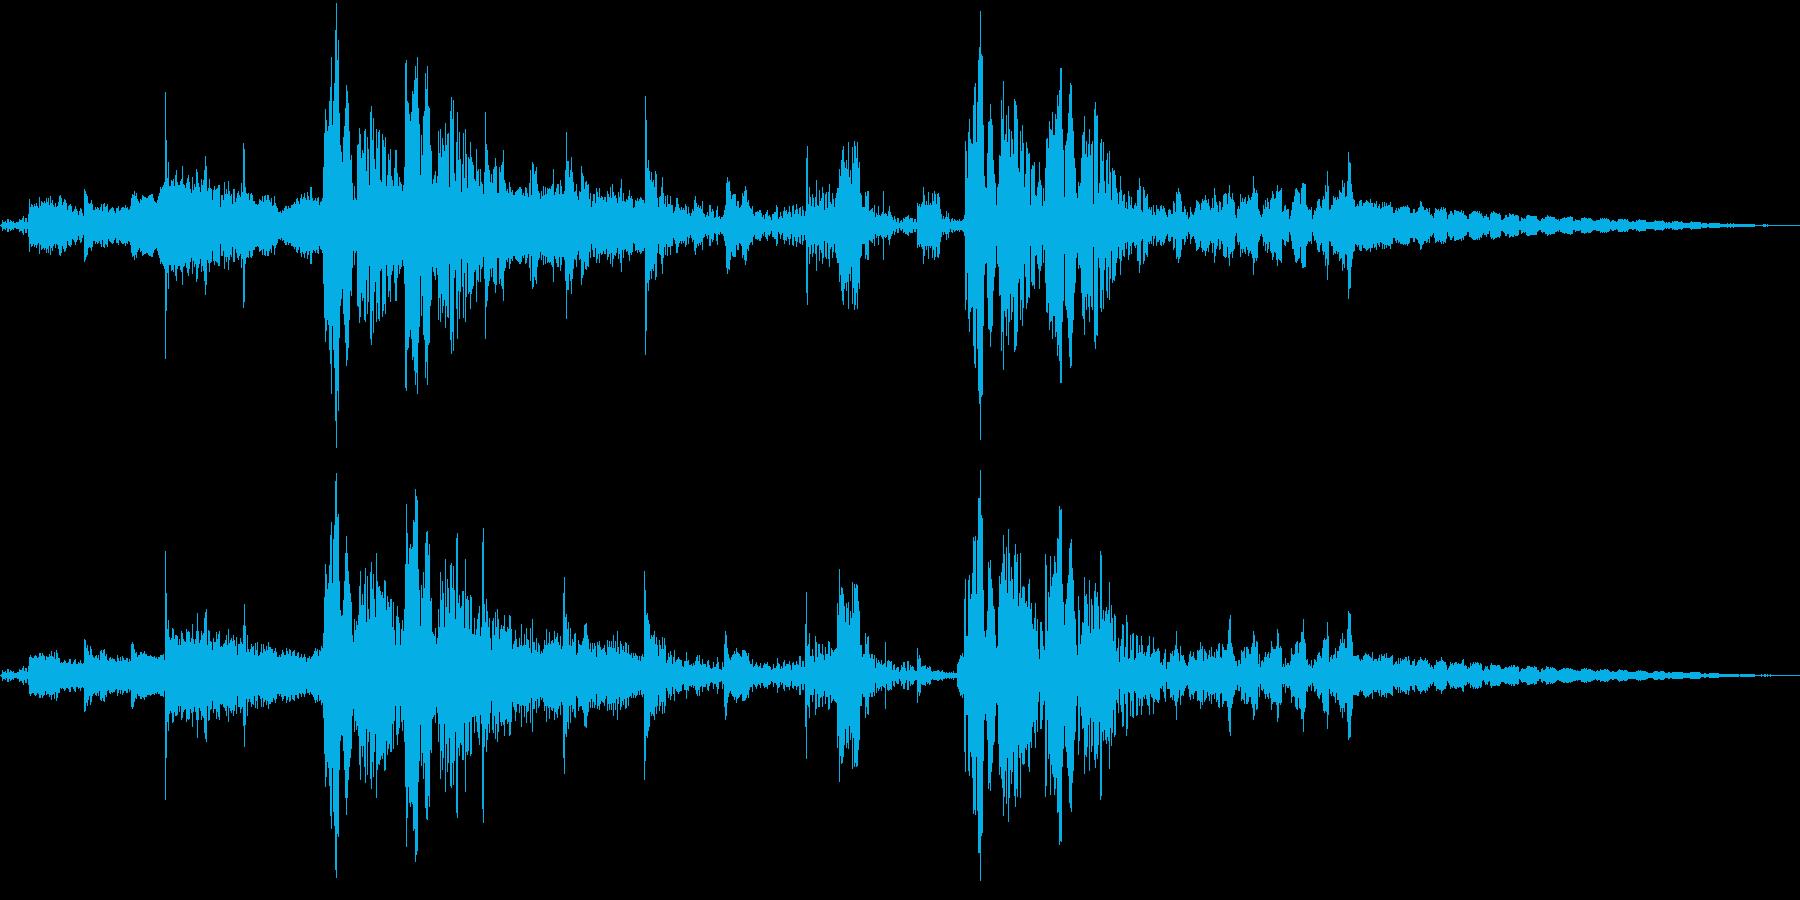 シンセFXと心音のジングル Bパターンの再生済みの波形